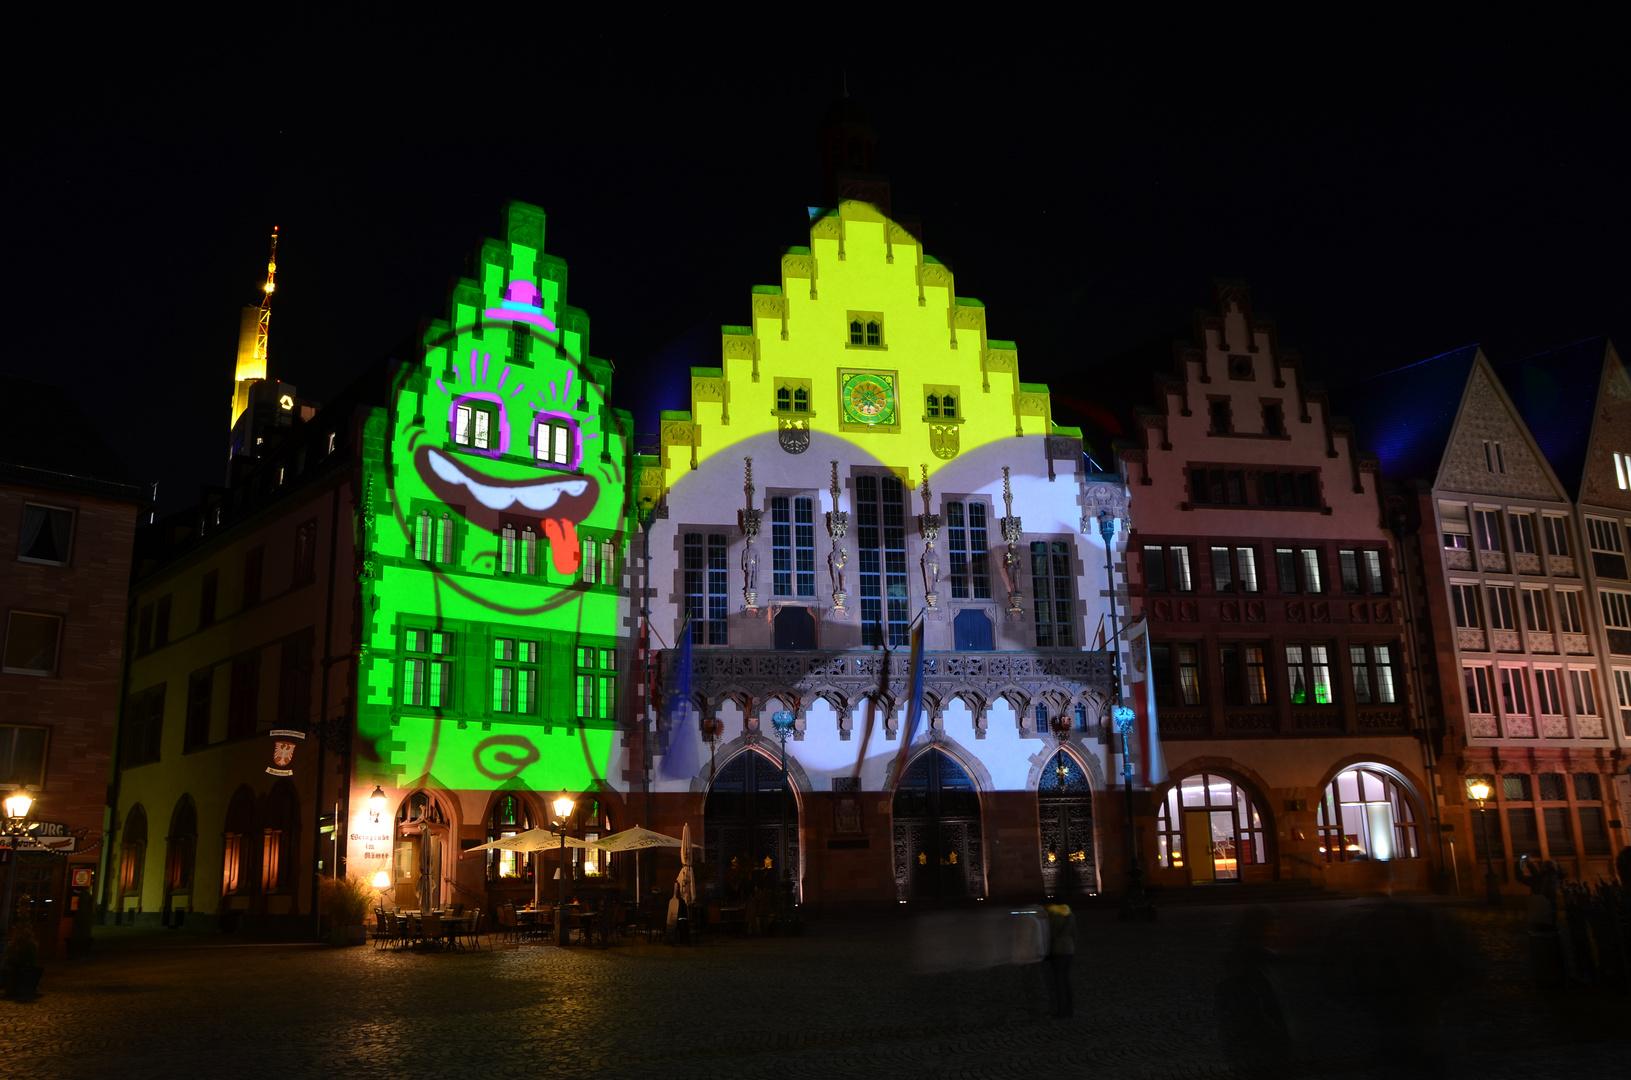 luminale frankfurt am main 2012 der r mer foto bild architektur architektur bei nacht. Black Bedroom Furniture Sets. Home Design Ideas